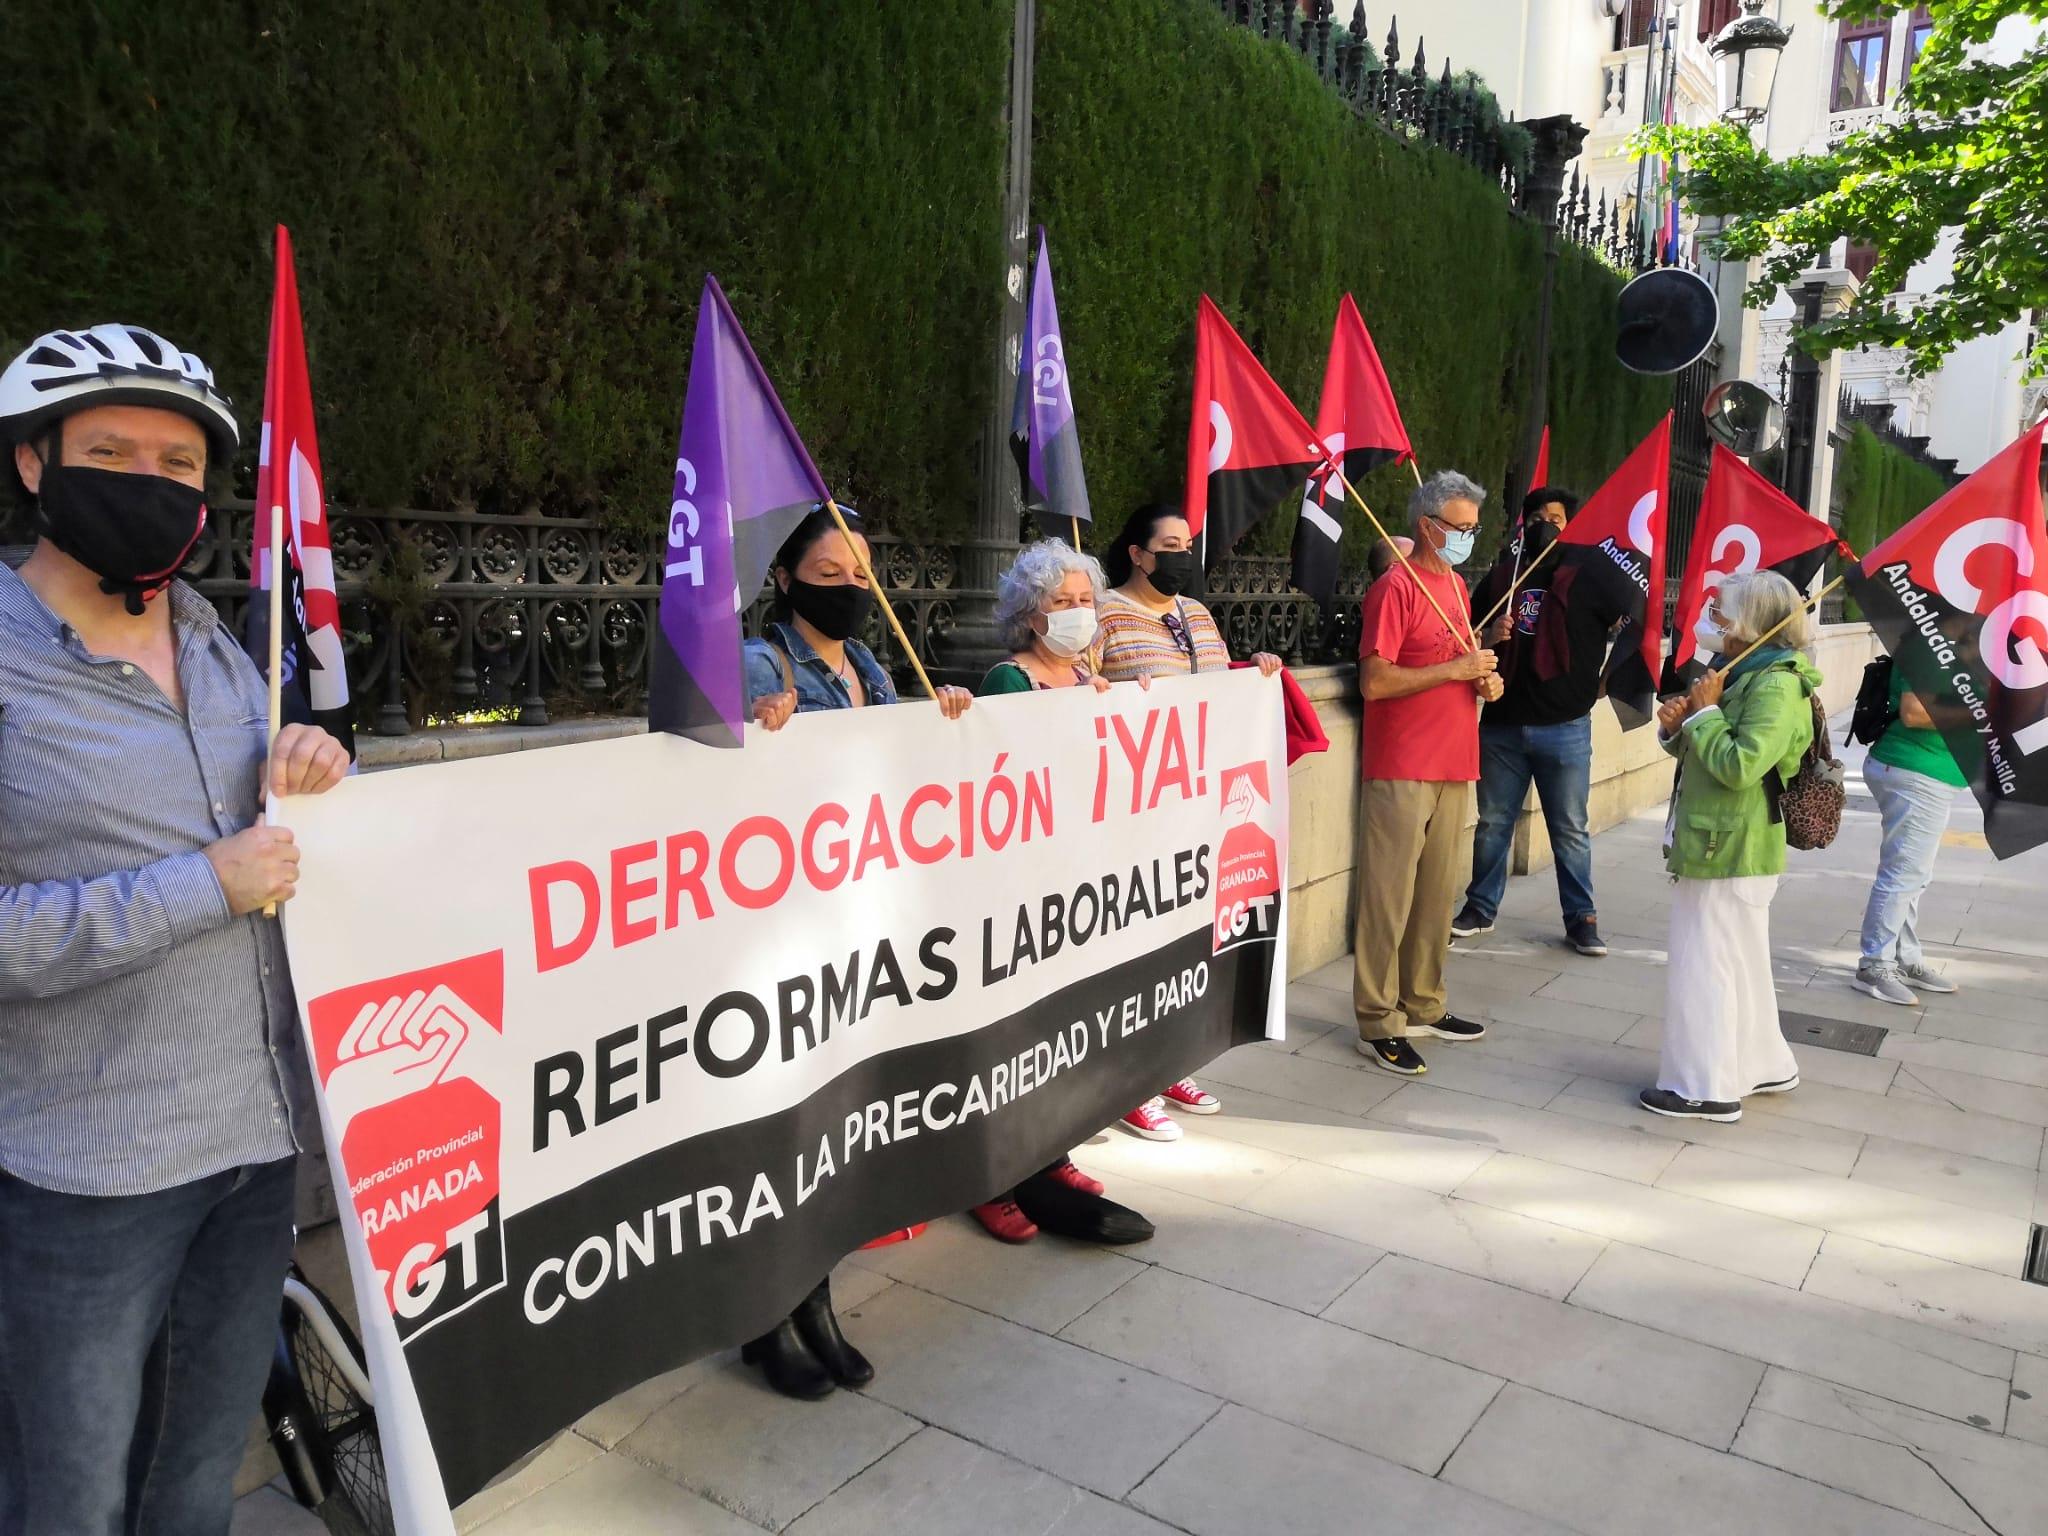 CGT exige al Gobierno de PSOE y Unidas Podemos la derogación de las Reformas laborales de Rajoy y Zapatero